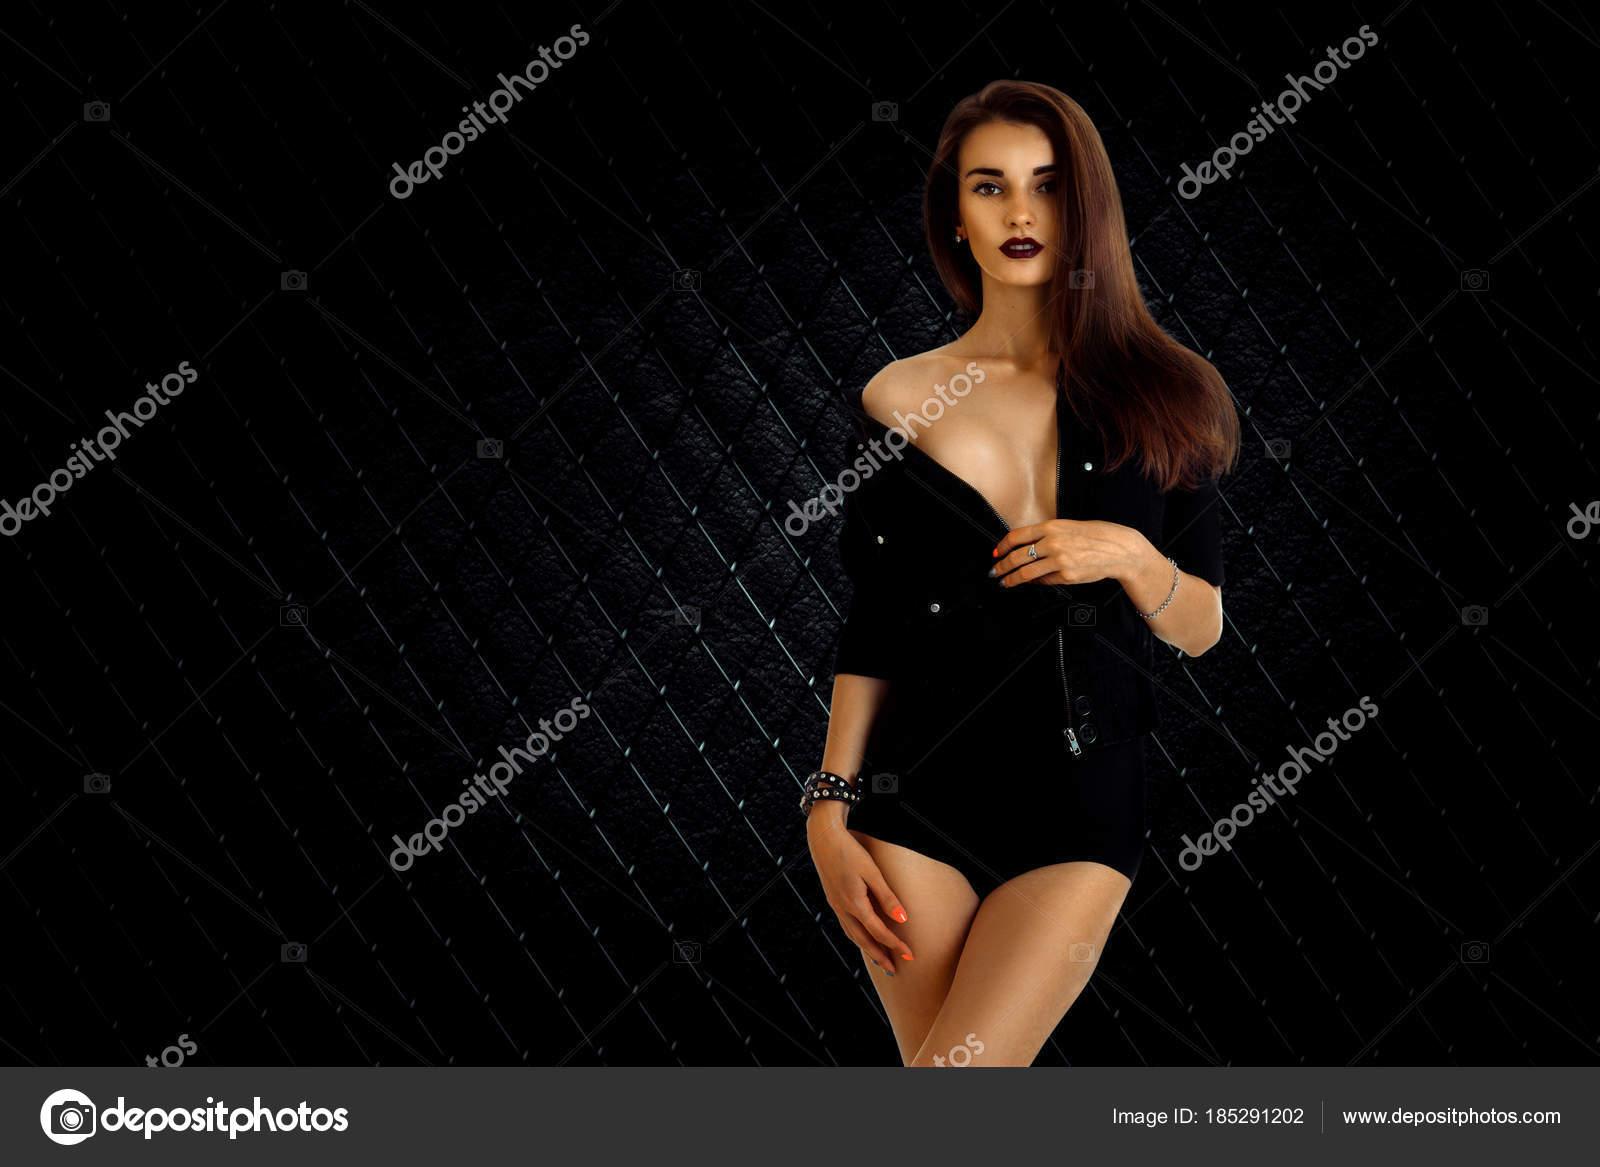 έφηβος σεξ κοκαλιάρικο όμορφη έφηβος μουνί σκατά